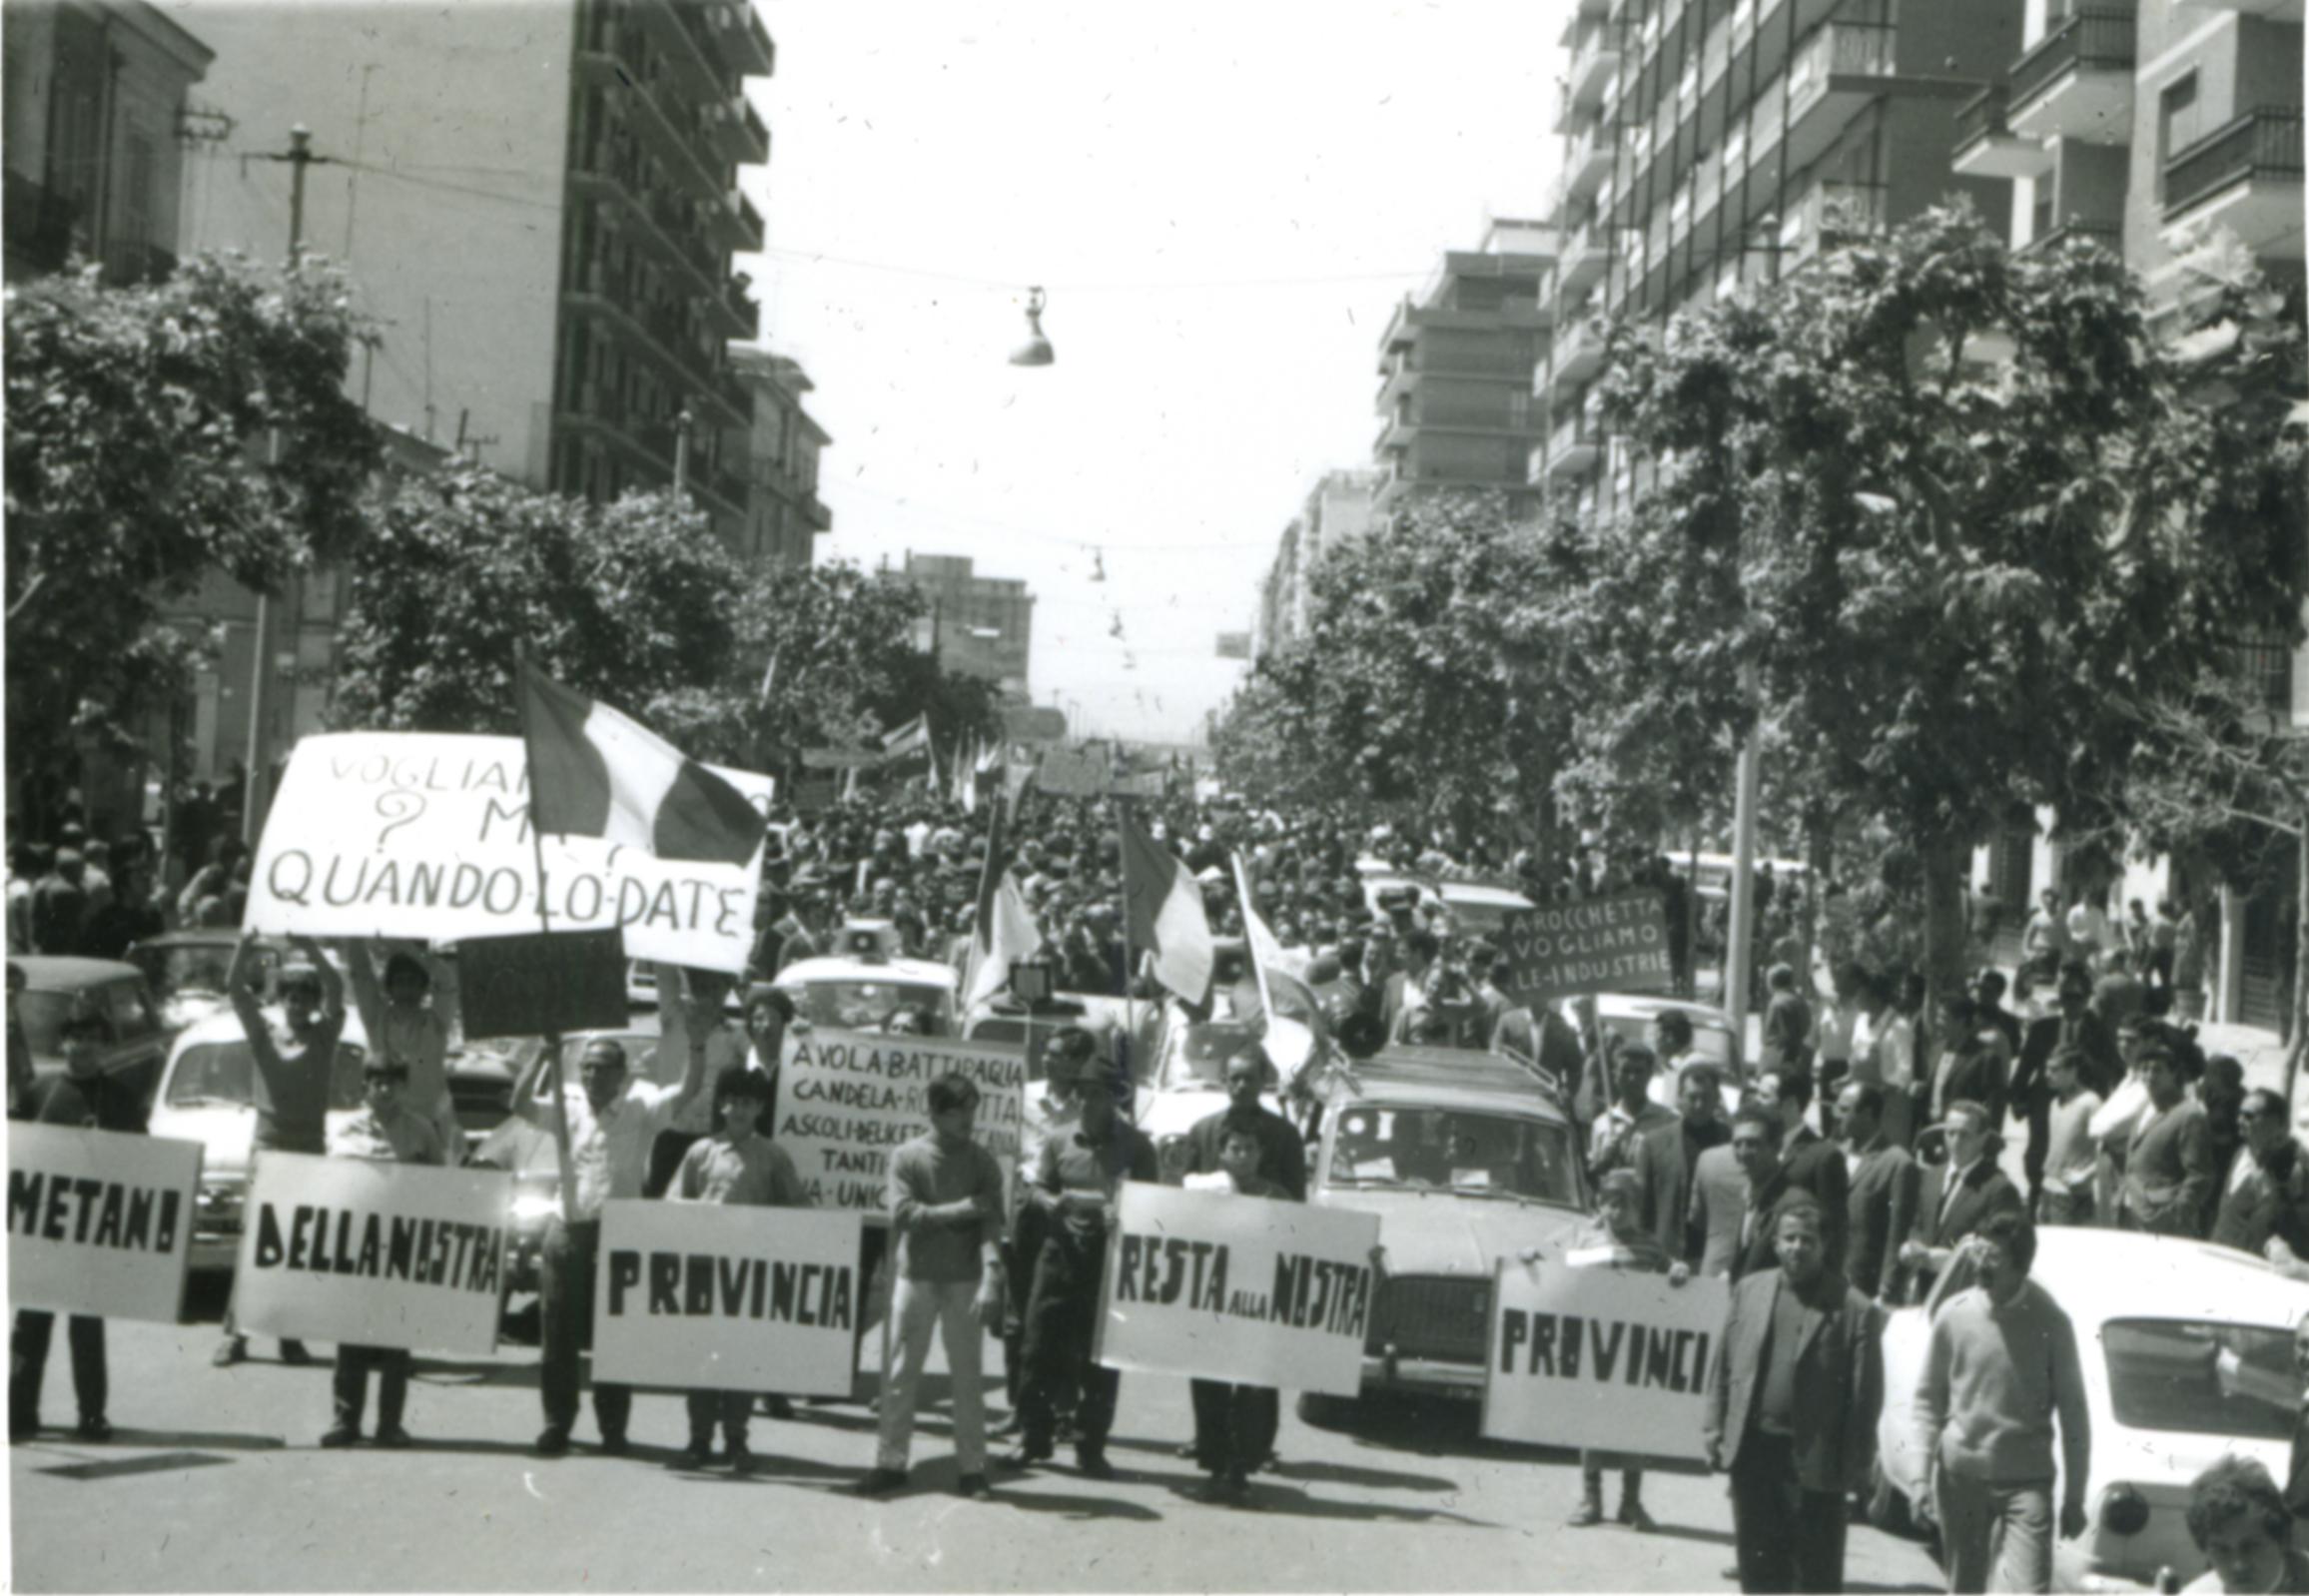 La marcia del metano, indimenticabile pagina di storia civile